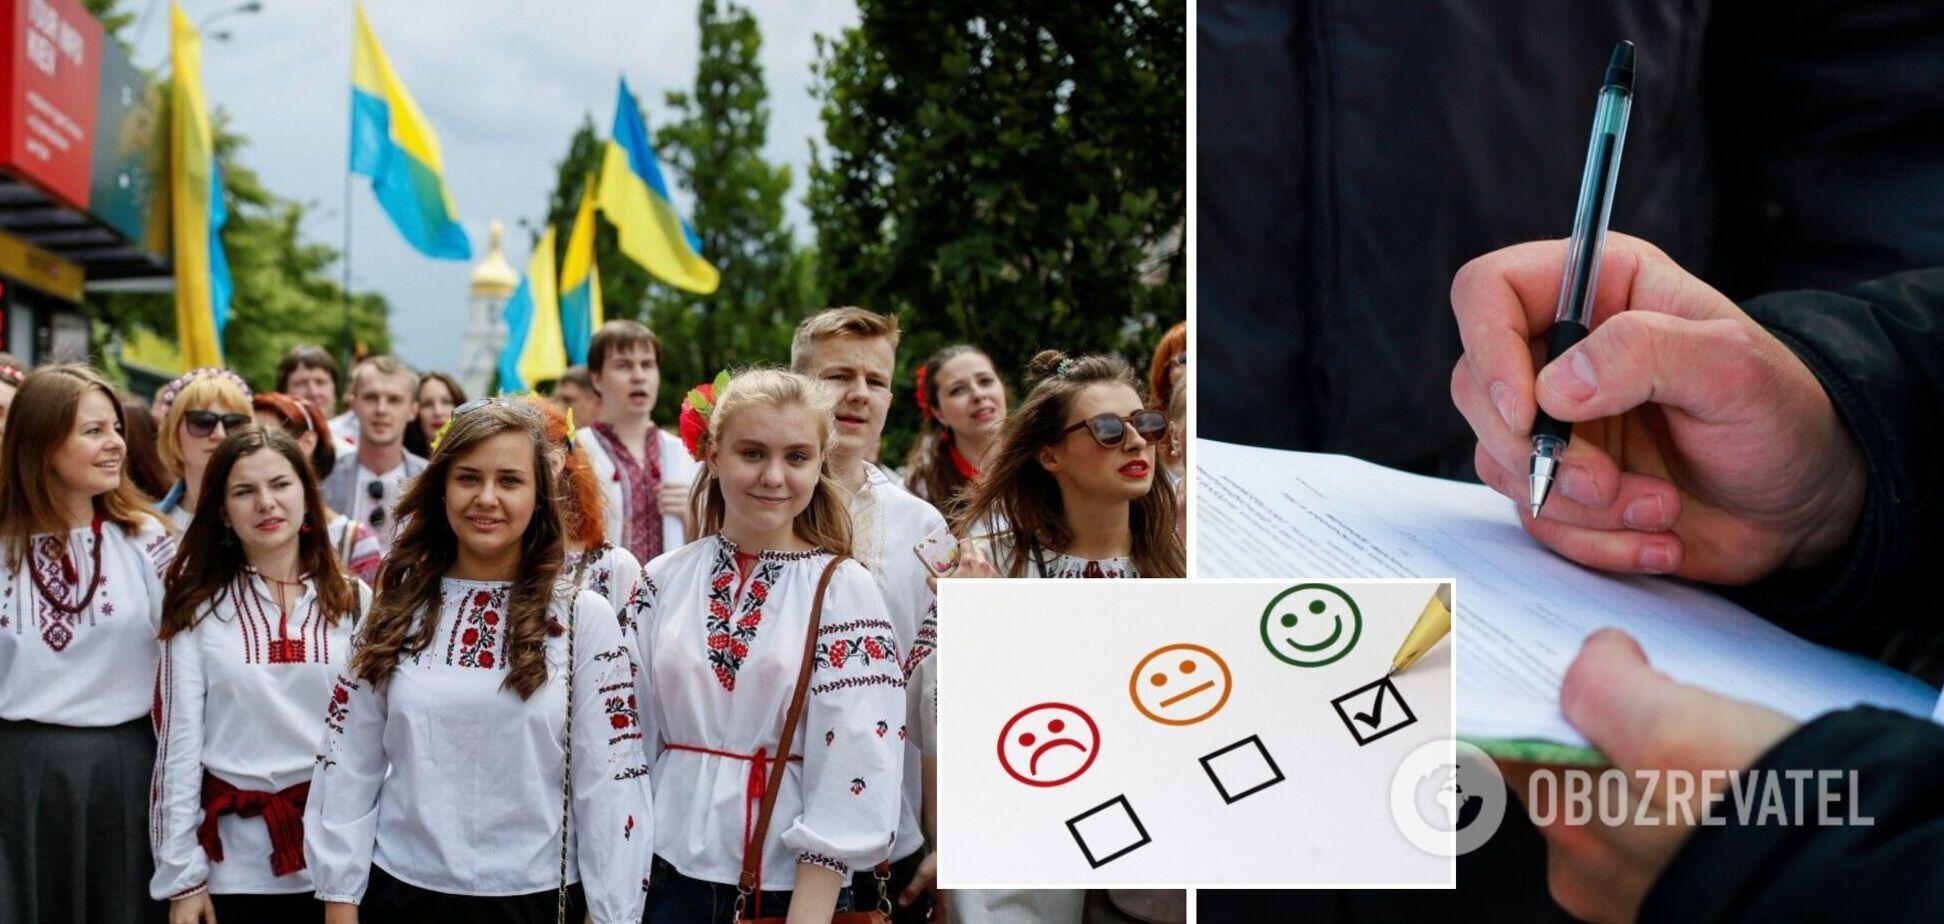 Украинцы испытывают страх перед будущим, но молодежь живет с надеждой – опрос